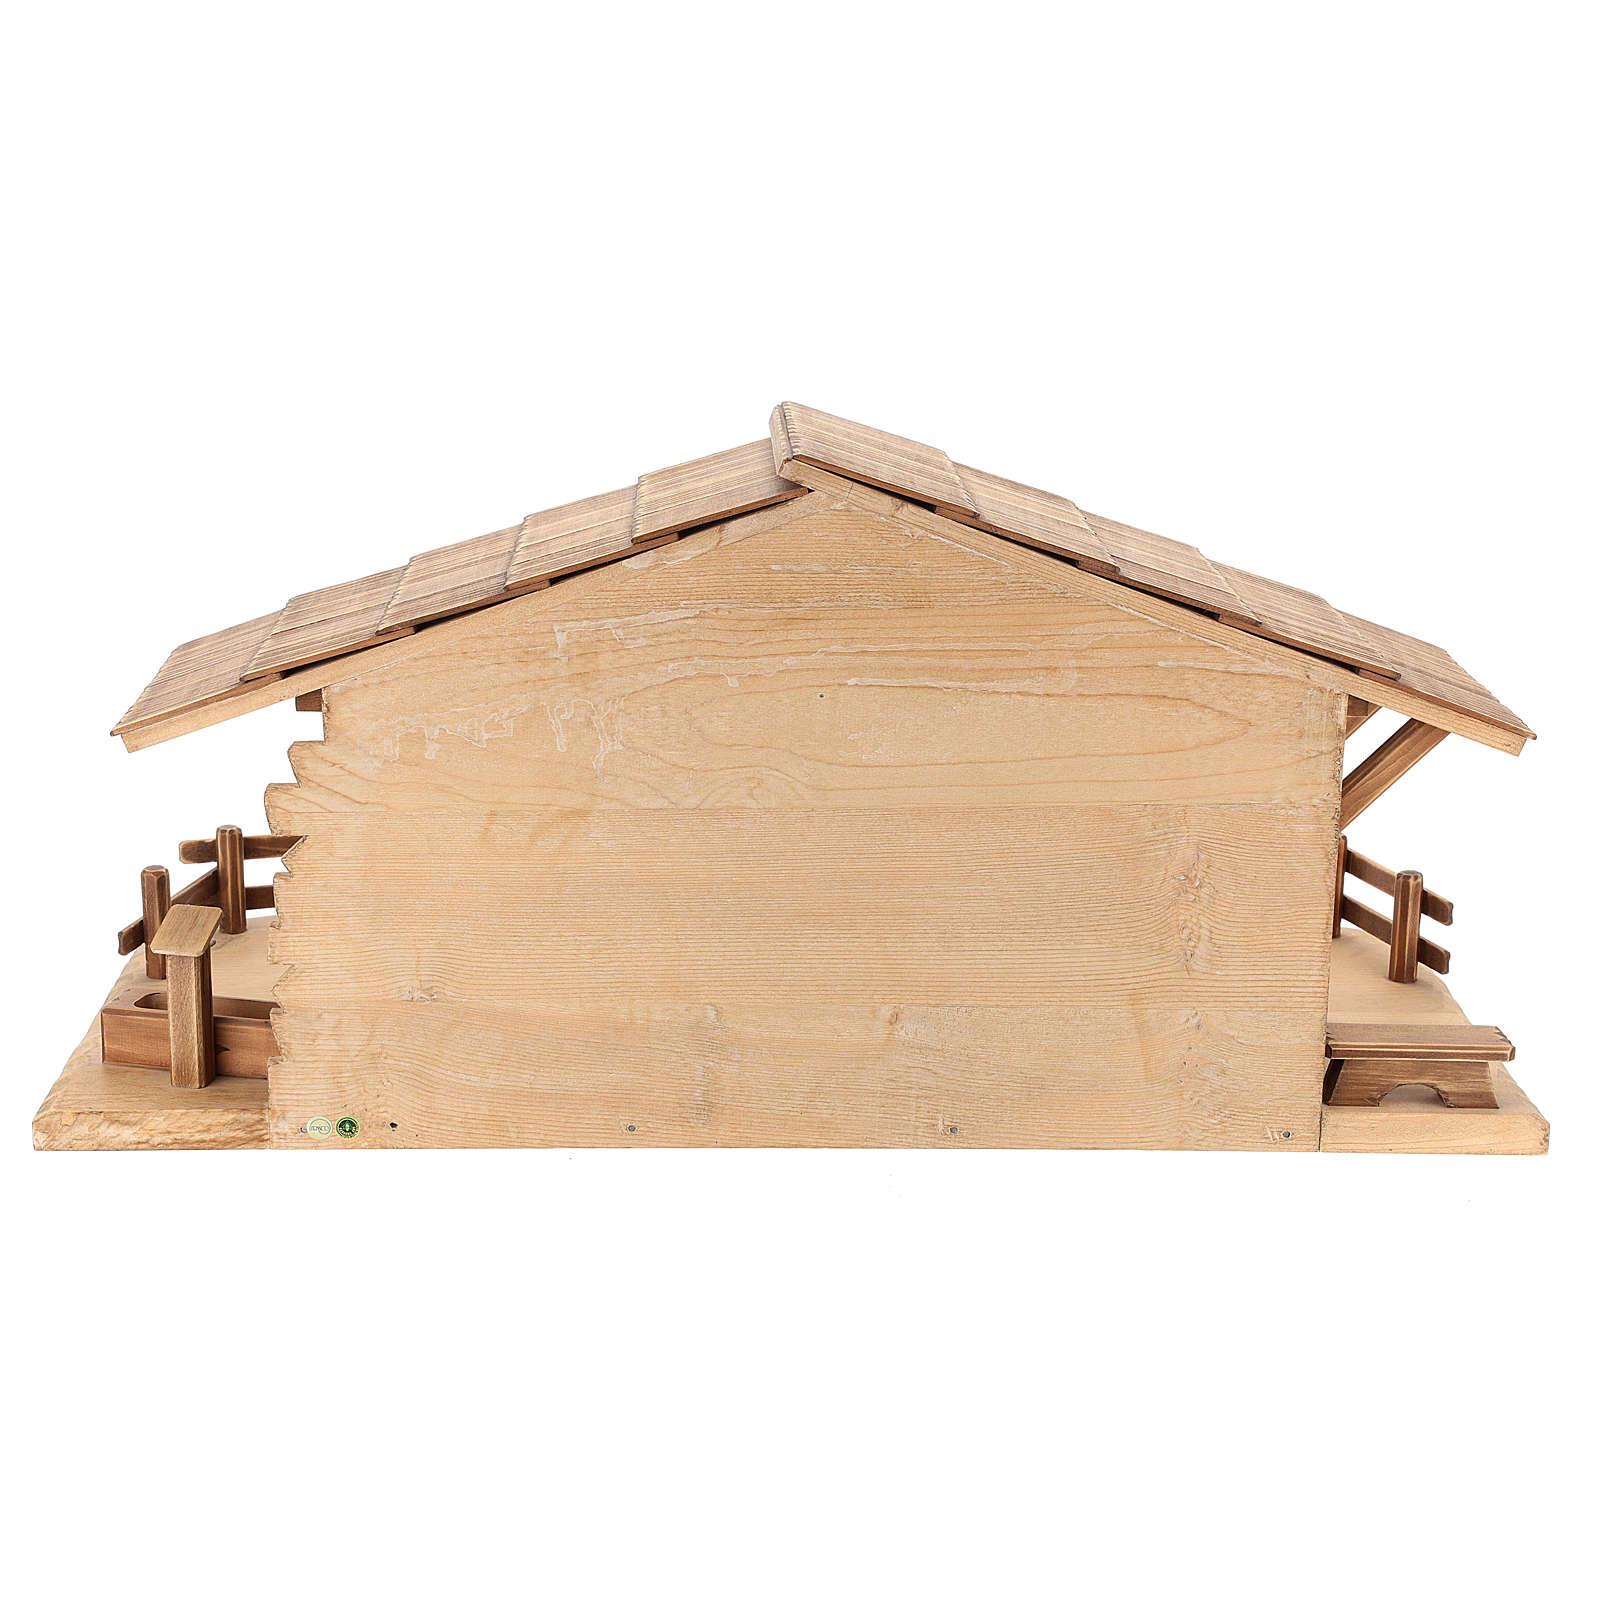 Stajenka styl schroniska szopka Valgardena drewno multipatynowan 4